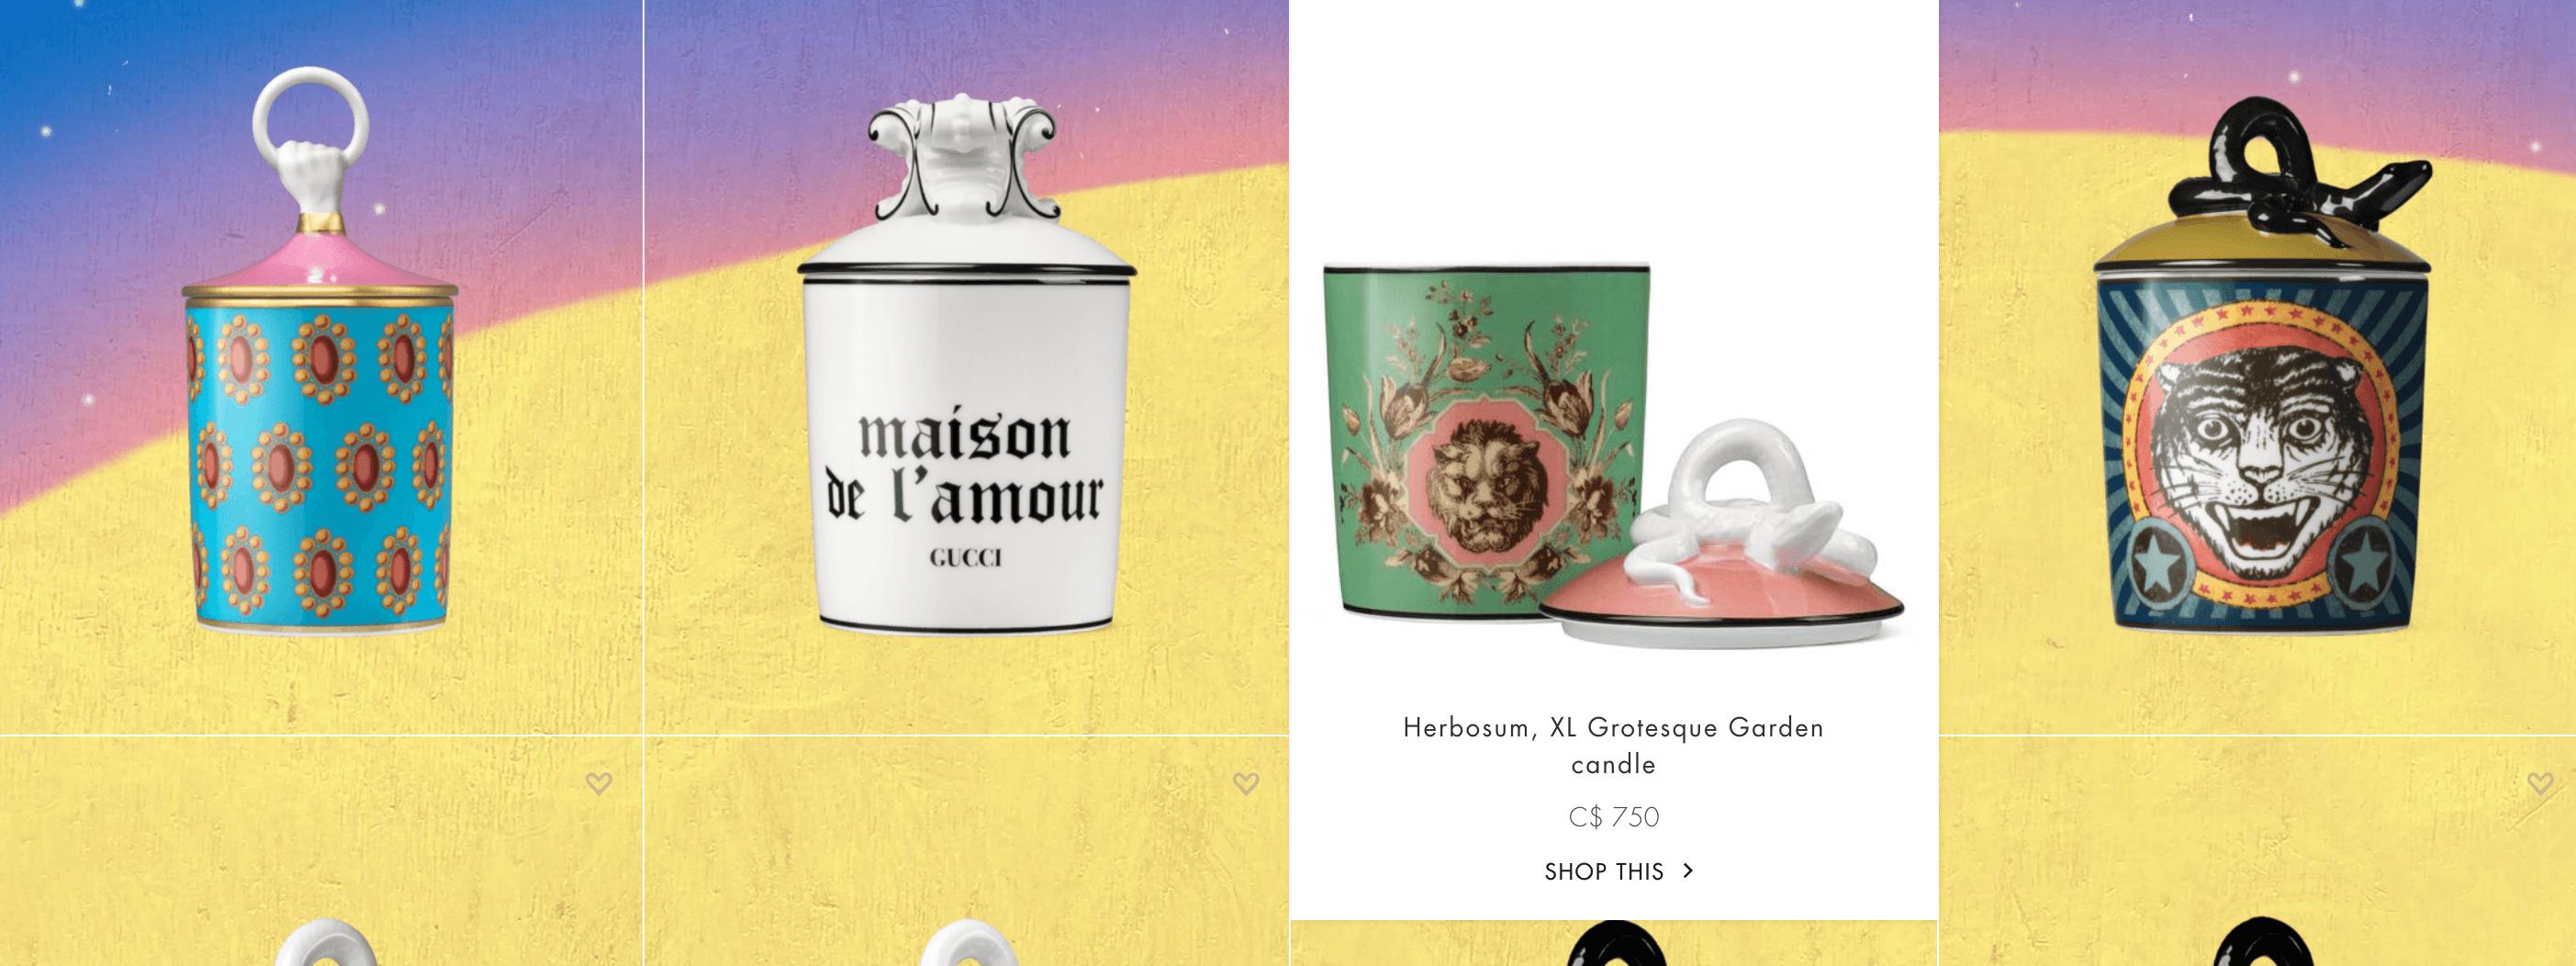 O site da Gucci apresenta as imagens de forma criativa